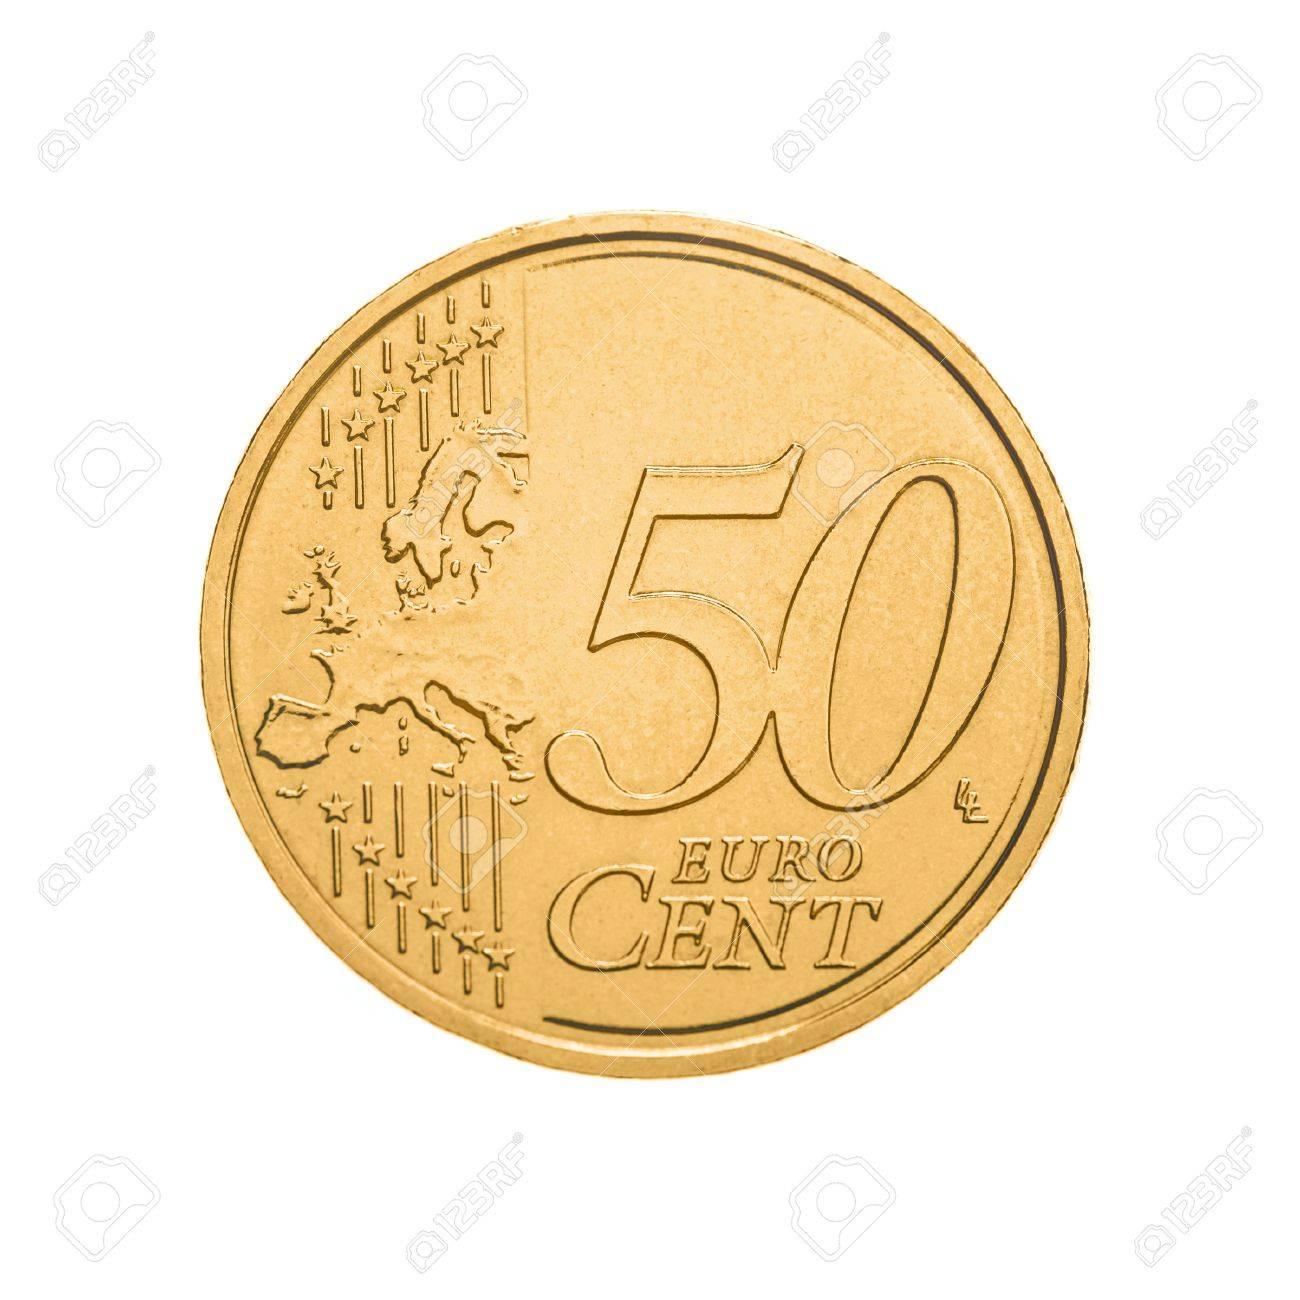 50 Cent Münze Auf Weißem Hintergrund Lizenzfreie Fotos Bilder Und